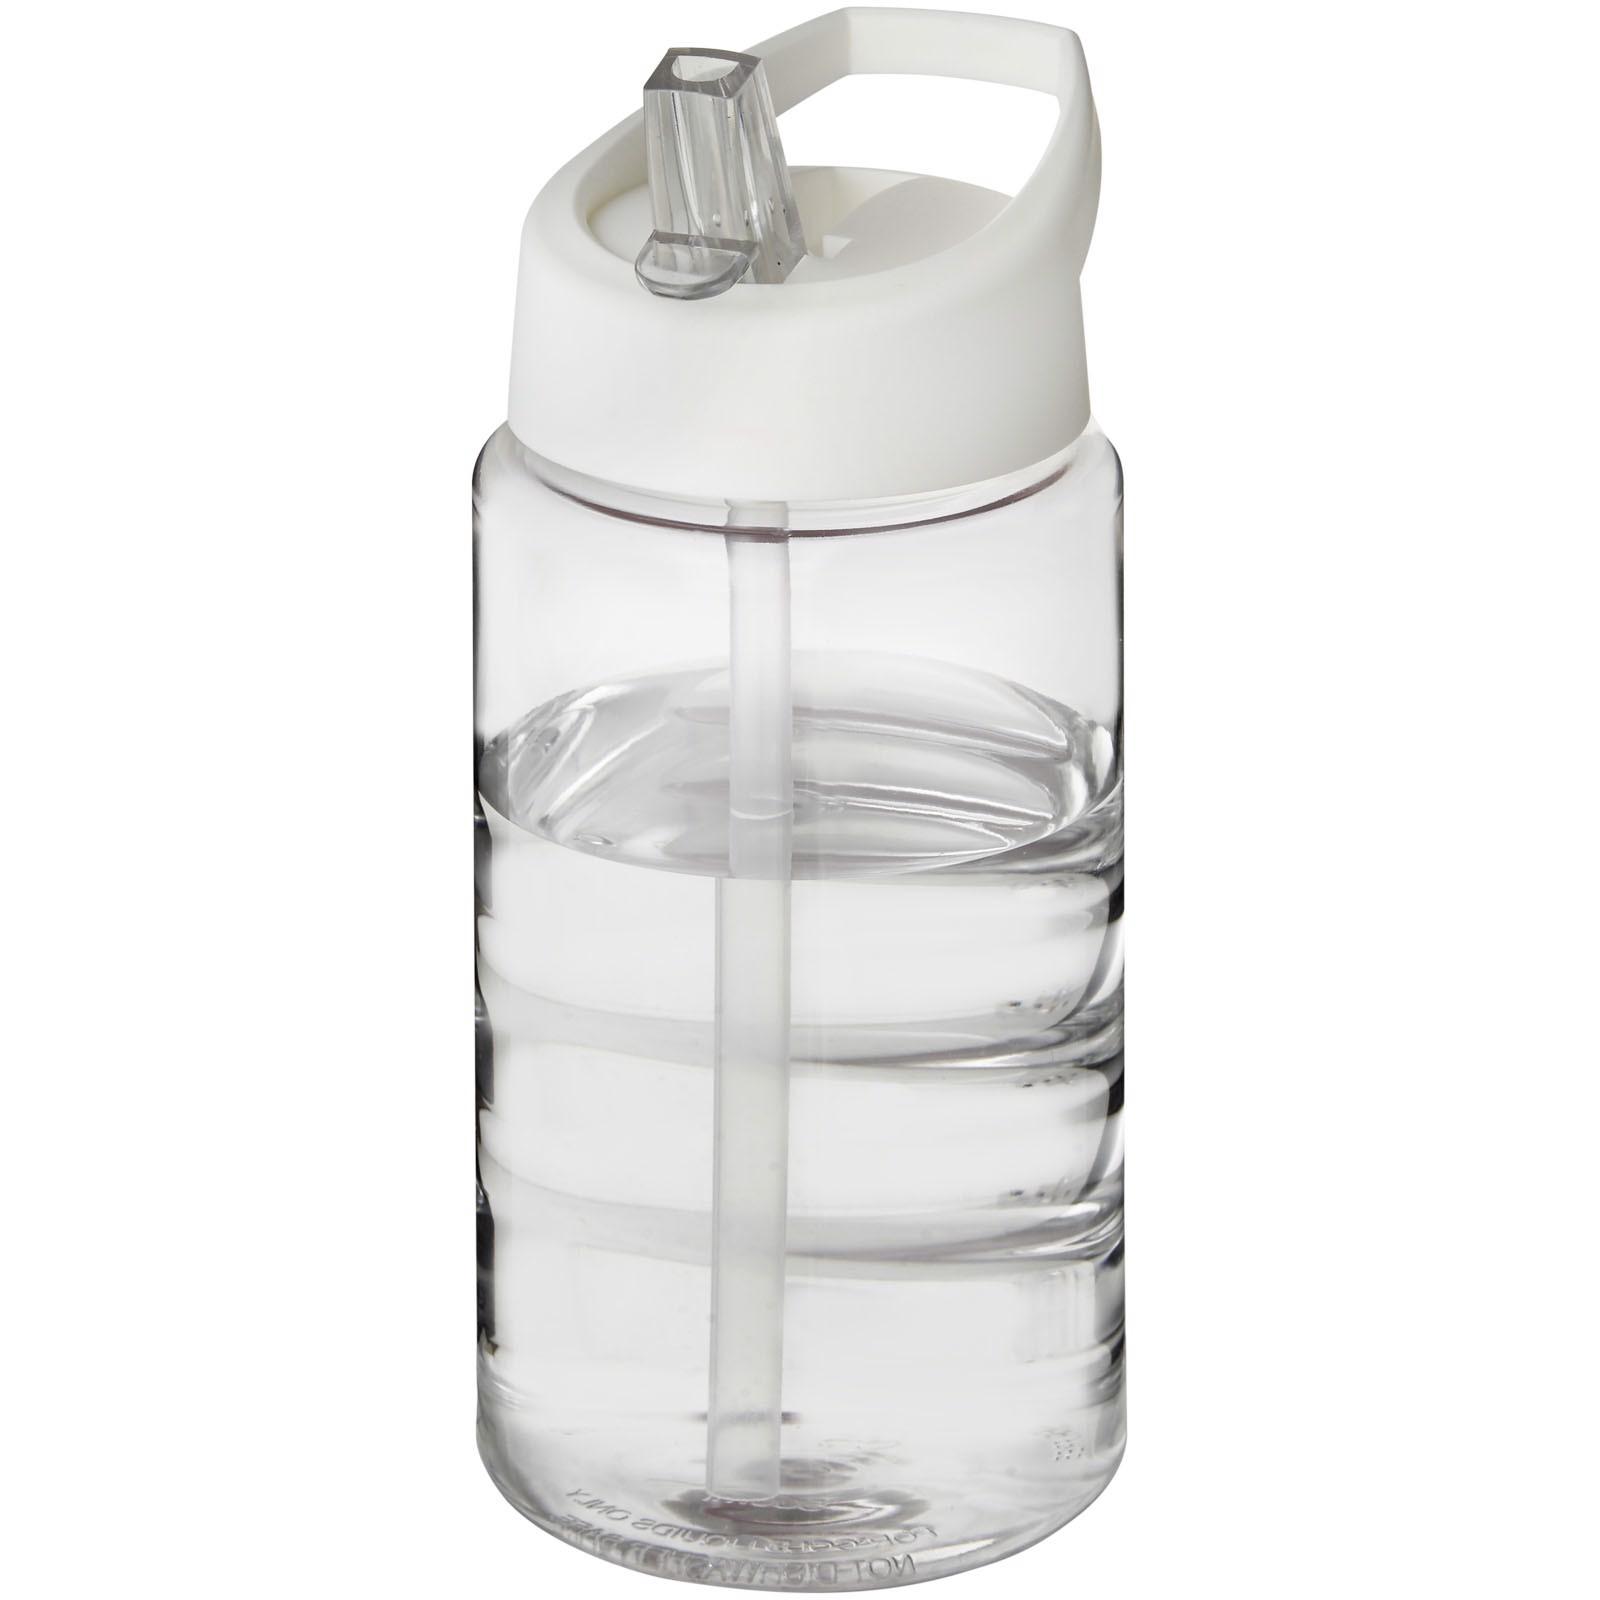 Sportovní láhev svíčkem shubičkou H2O Bop 500 ml - Průhledná / Bílá